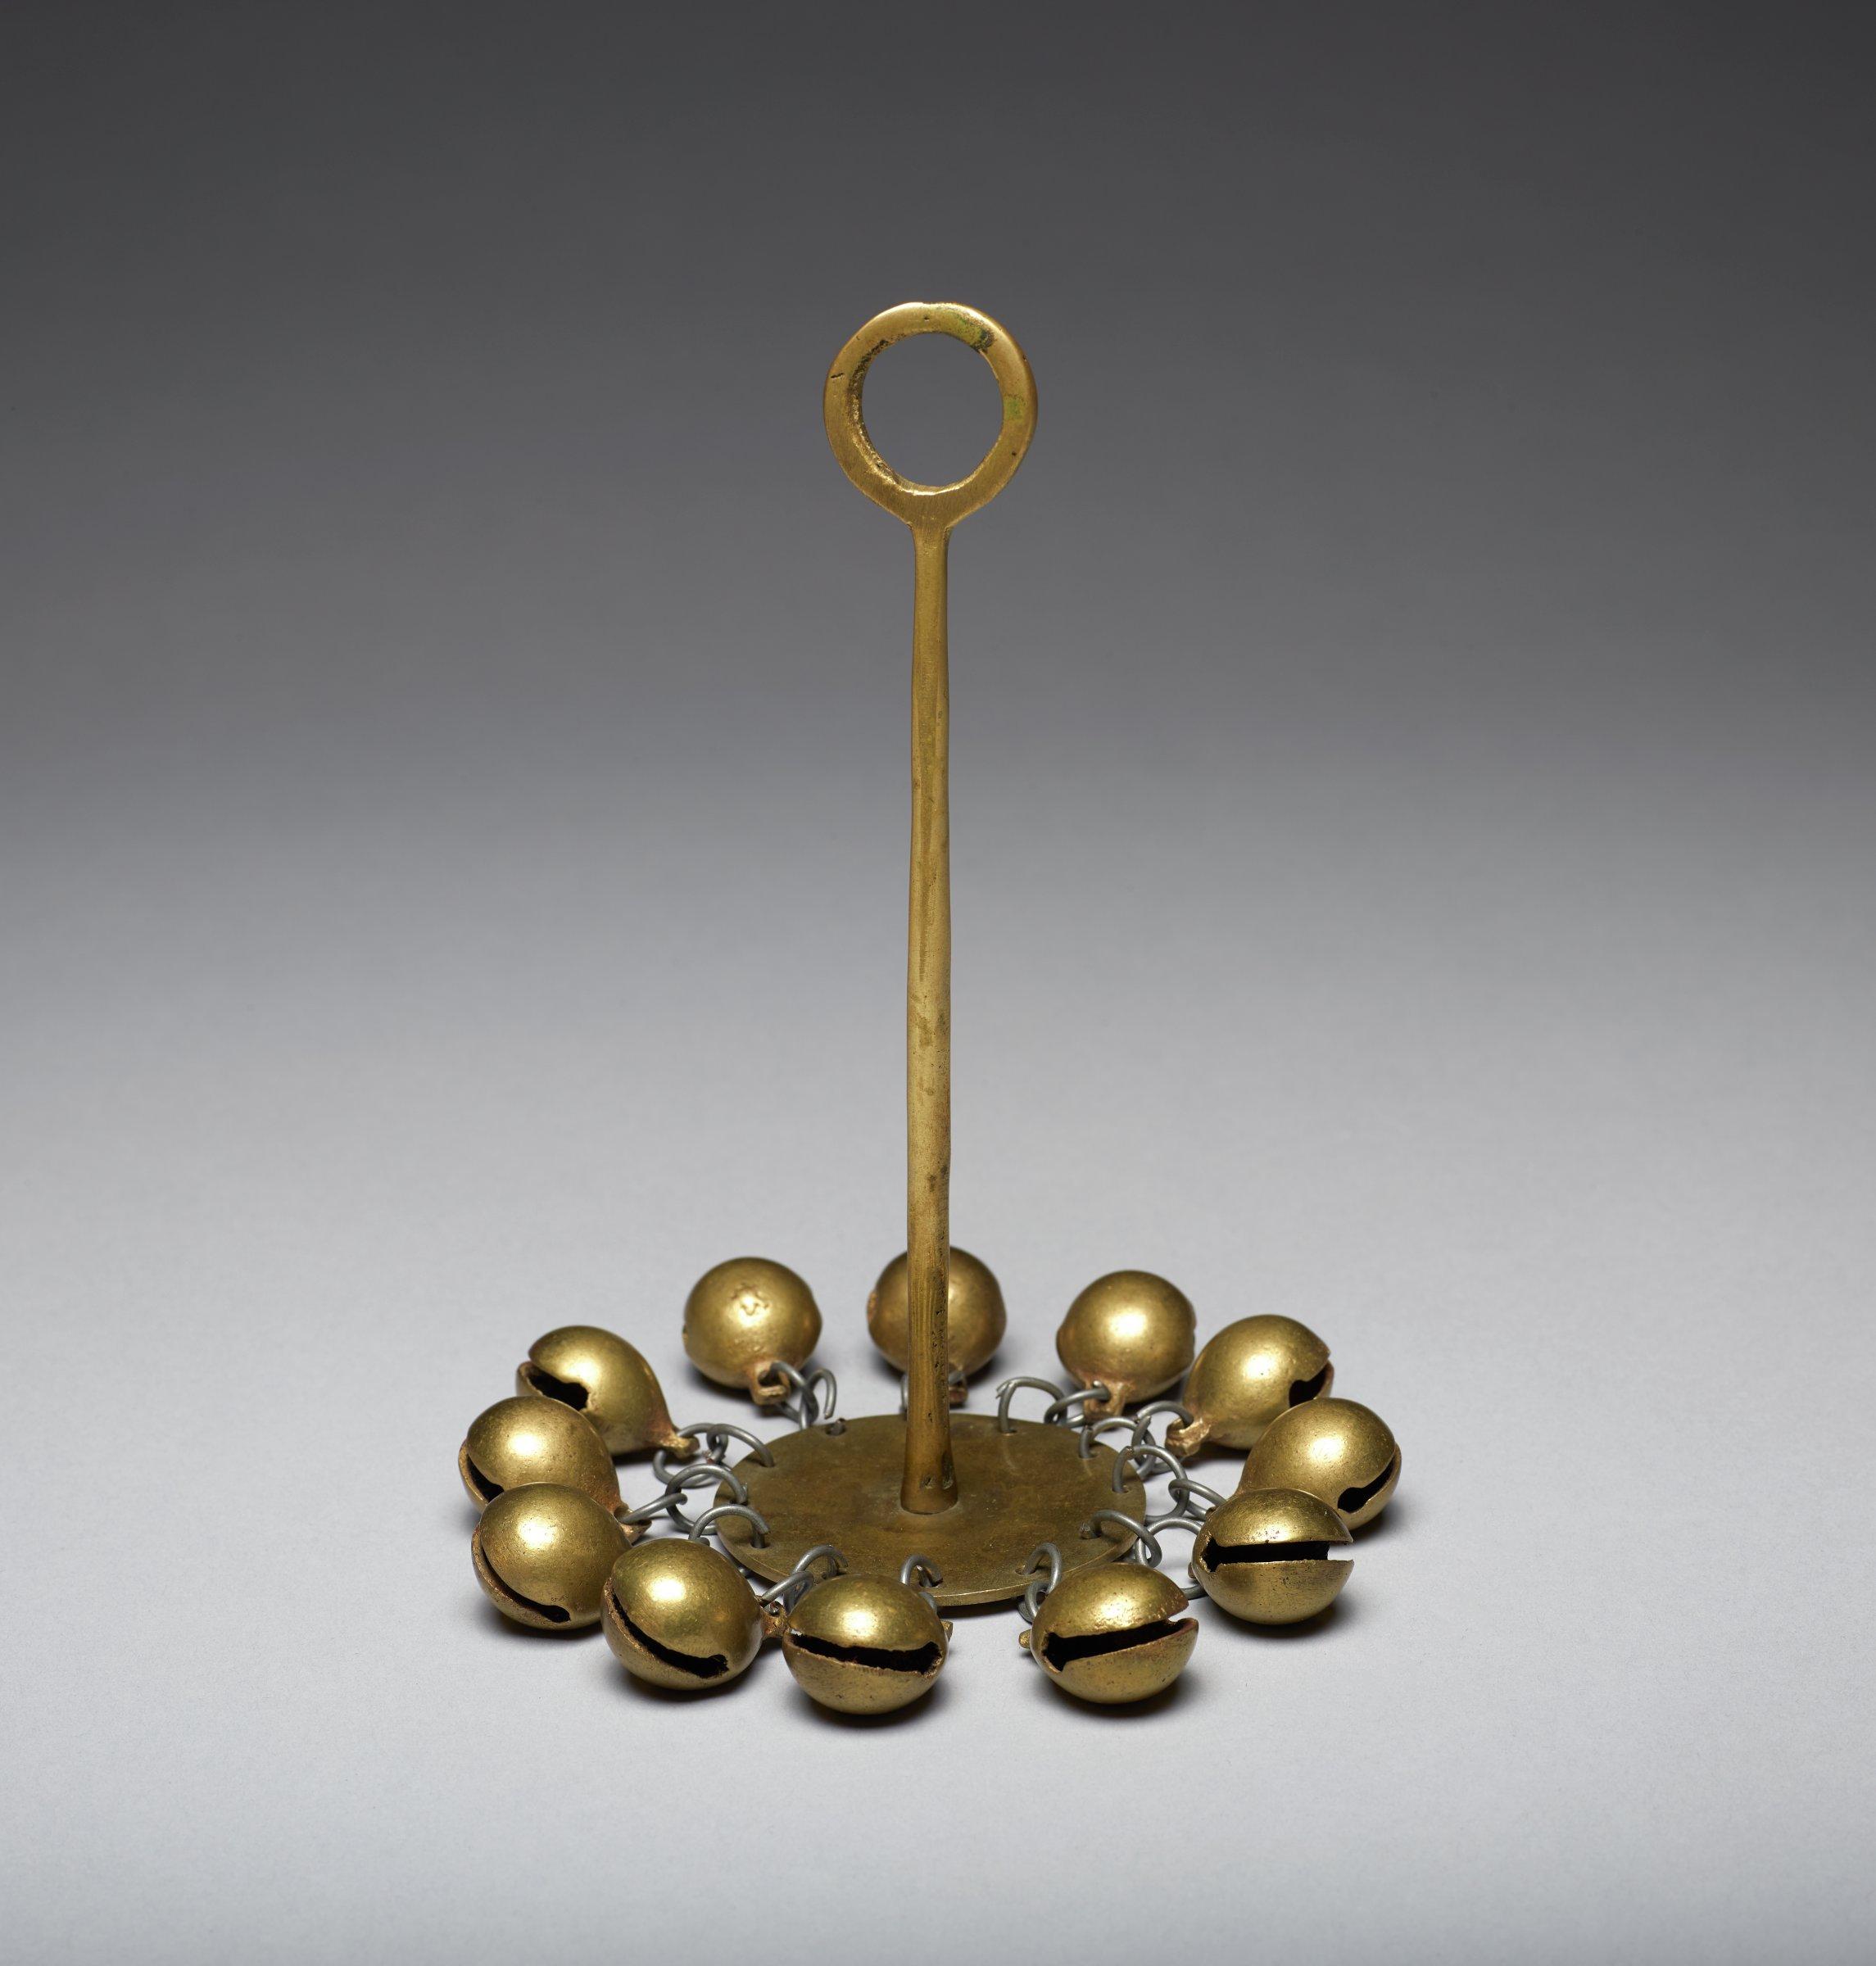 Shaman's Bell, Korea, brass